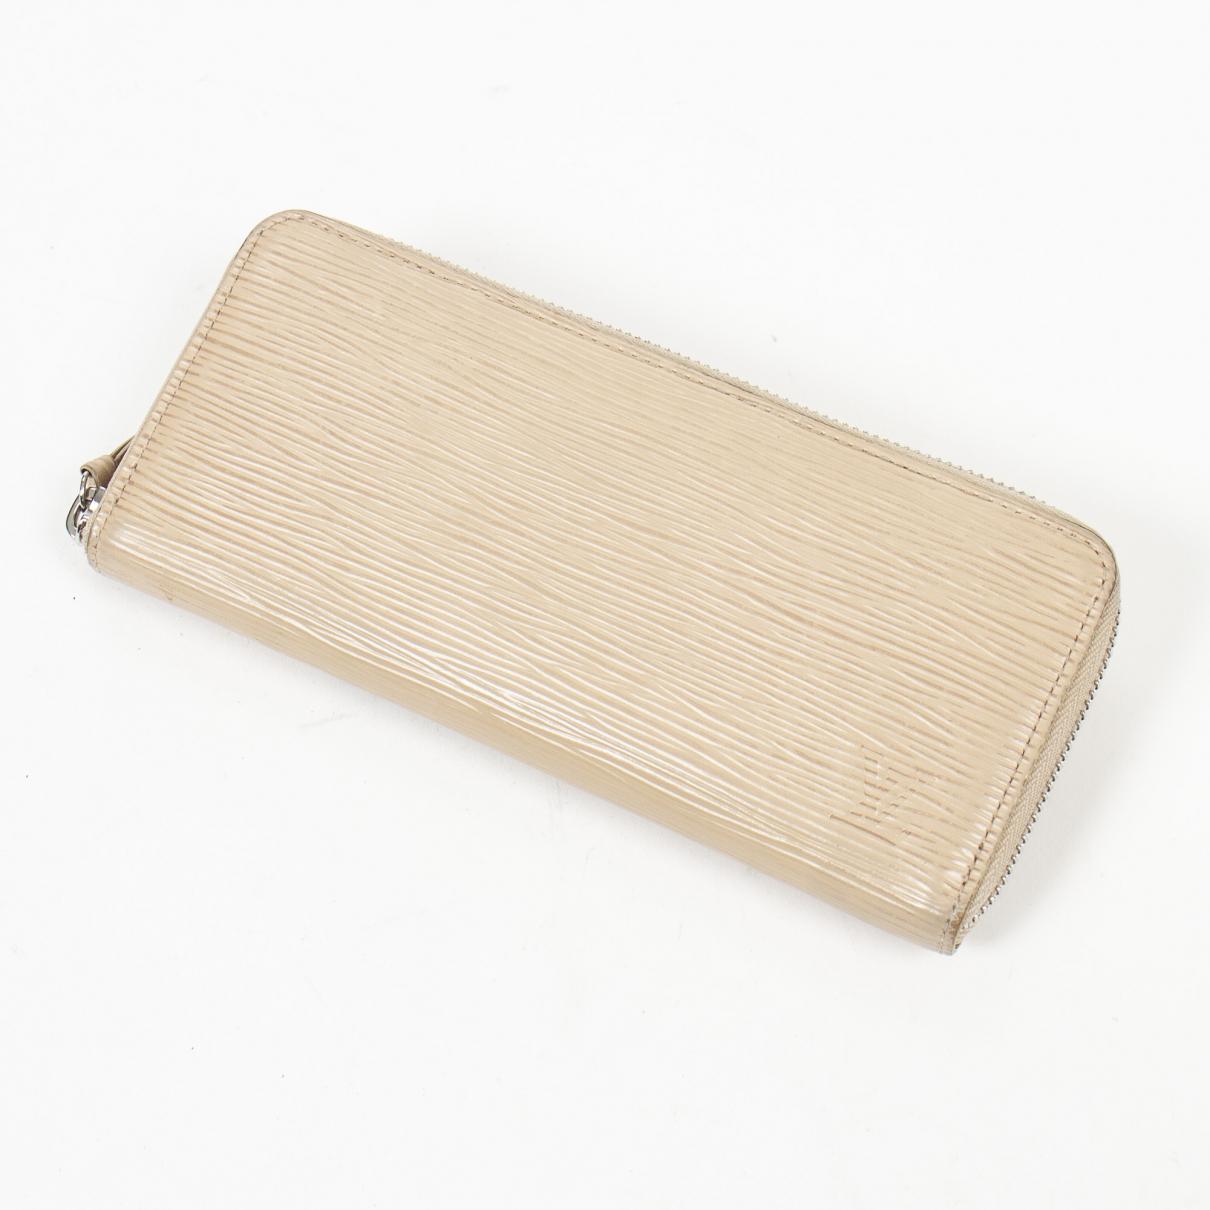 Louis Vuitton - Portefeuille Clemence pour femme en cuir - beige